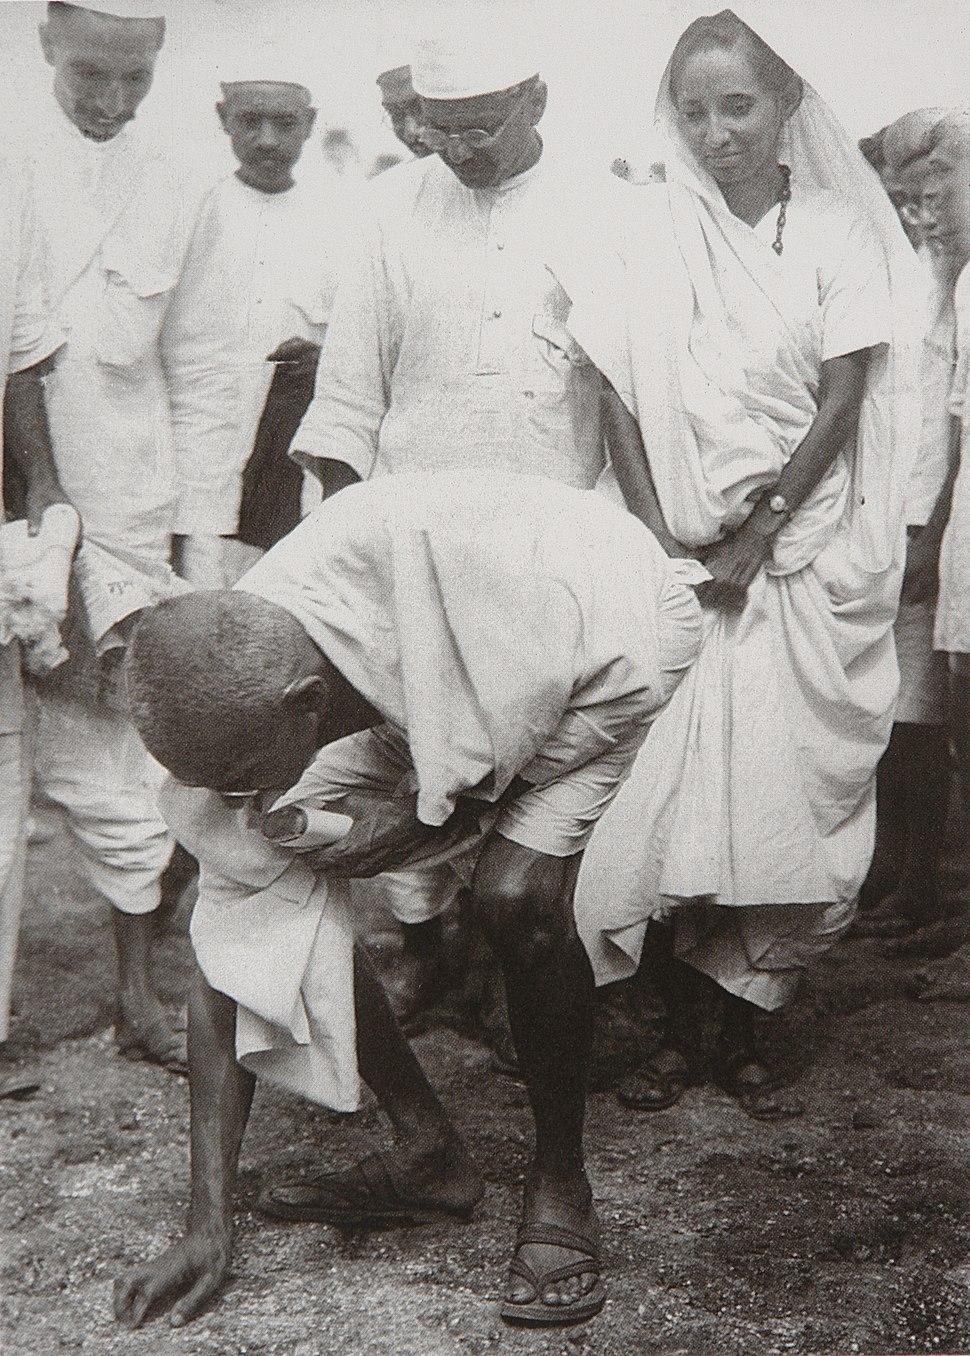 Gandhi at Dandi 5 April 1930